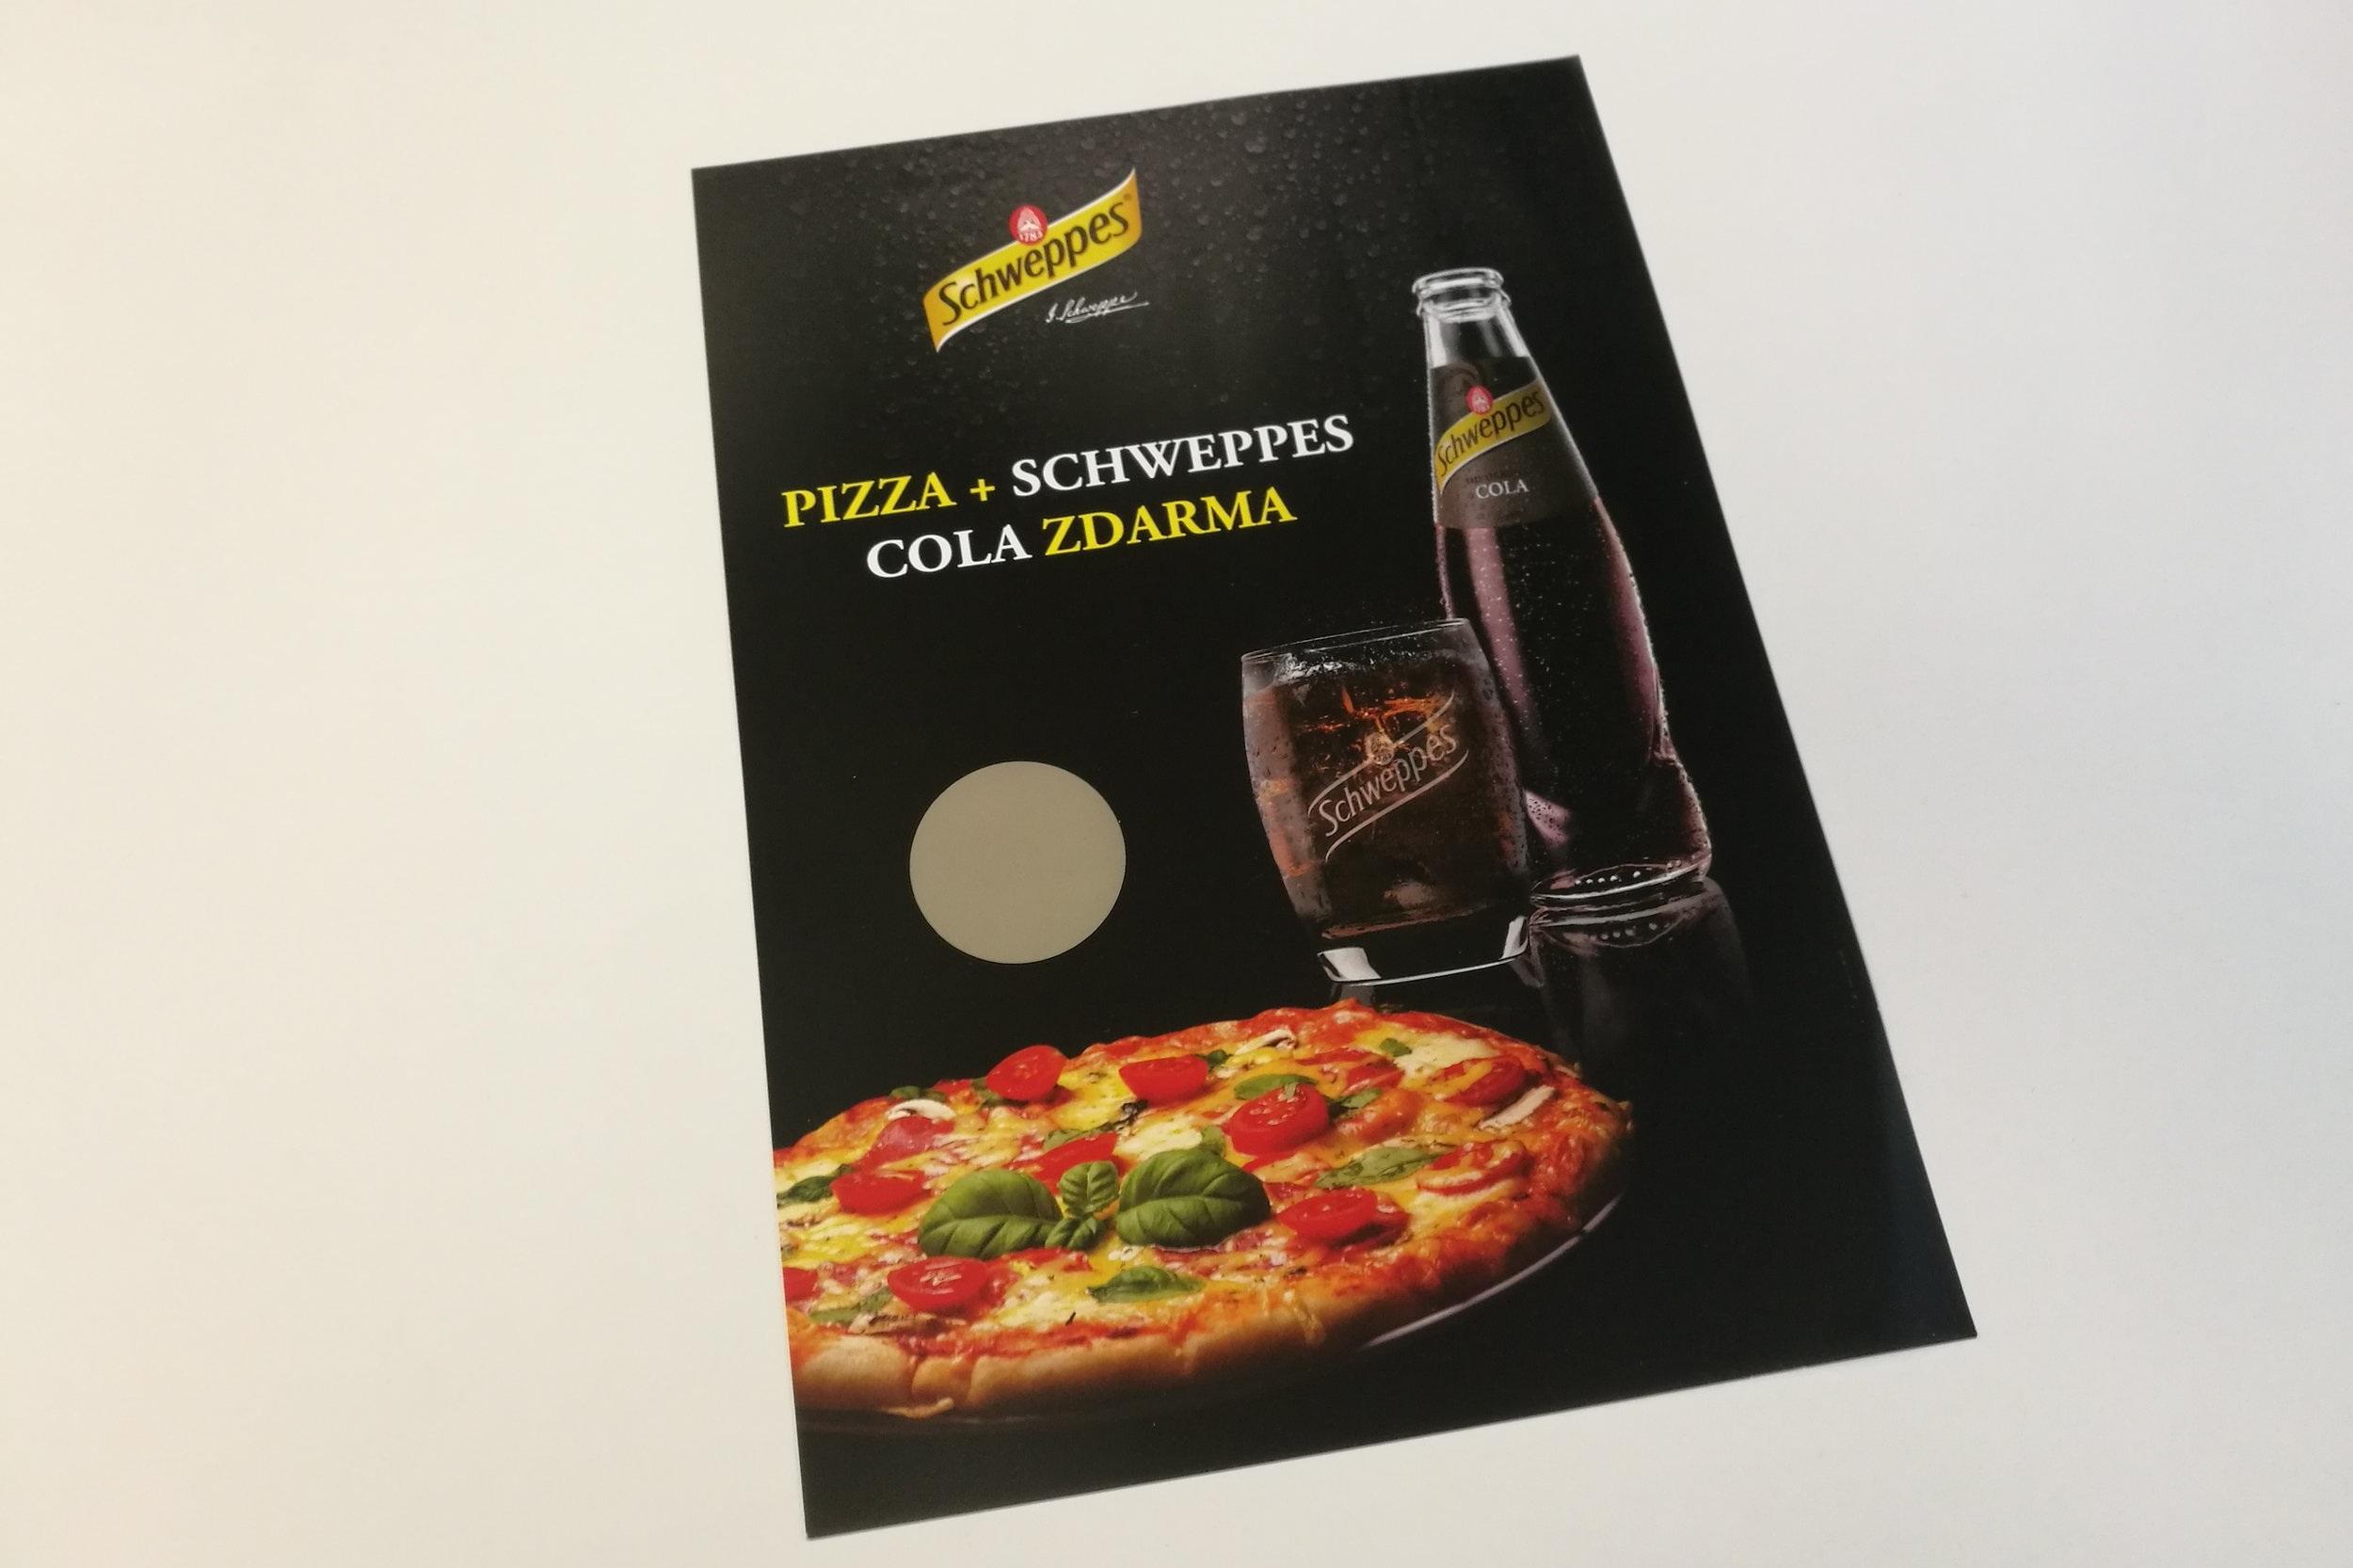 TISK PLAKÁTŮ - Tisk plakátu pro reklamní akce a prezentace. Plakáty mohou být z různých druhů materiálů a různých velikosti.